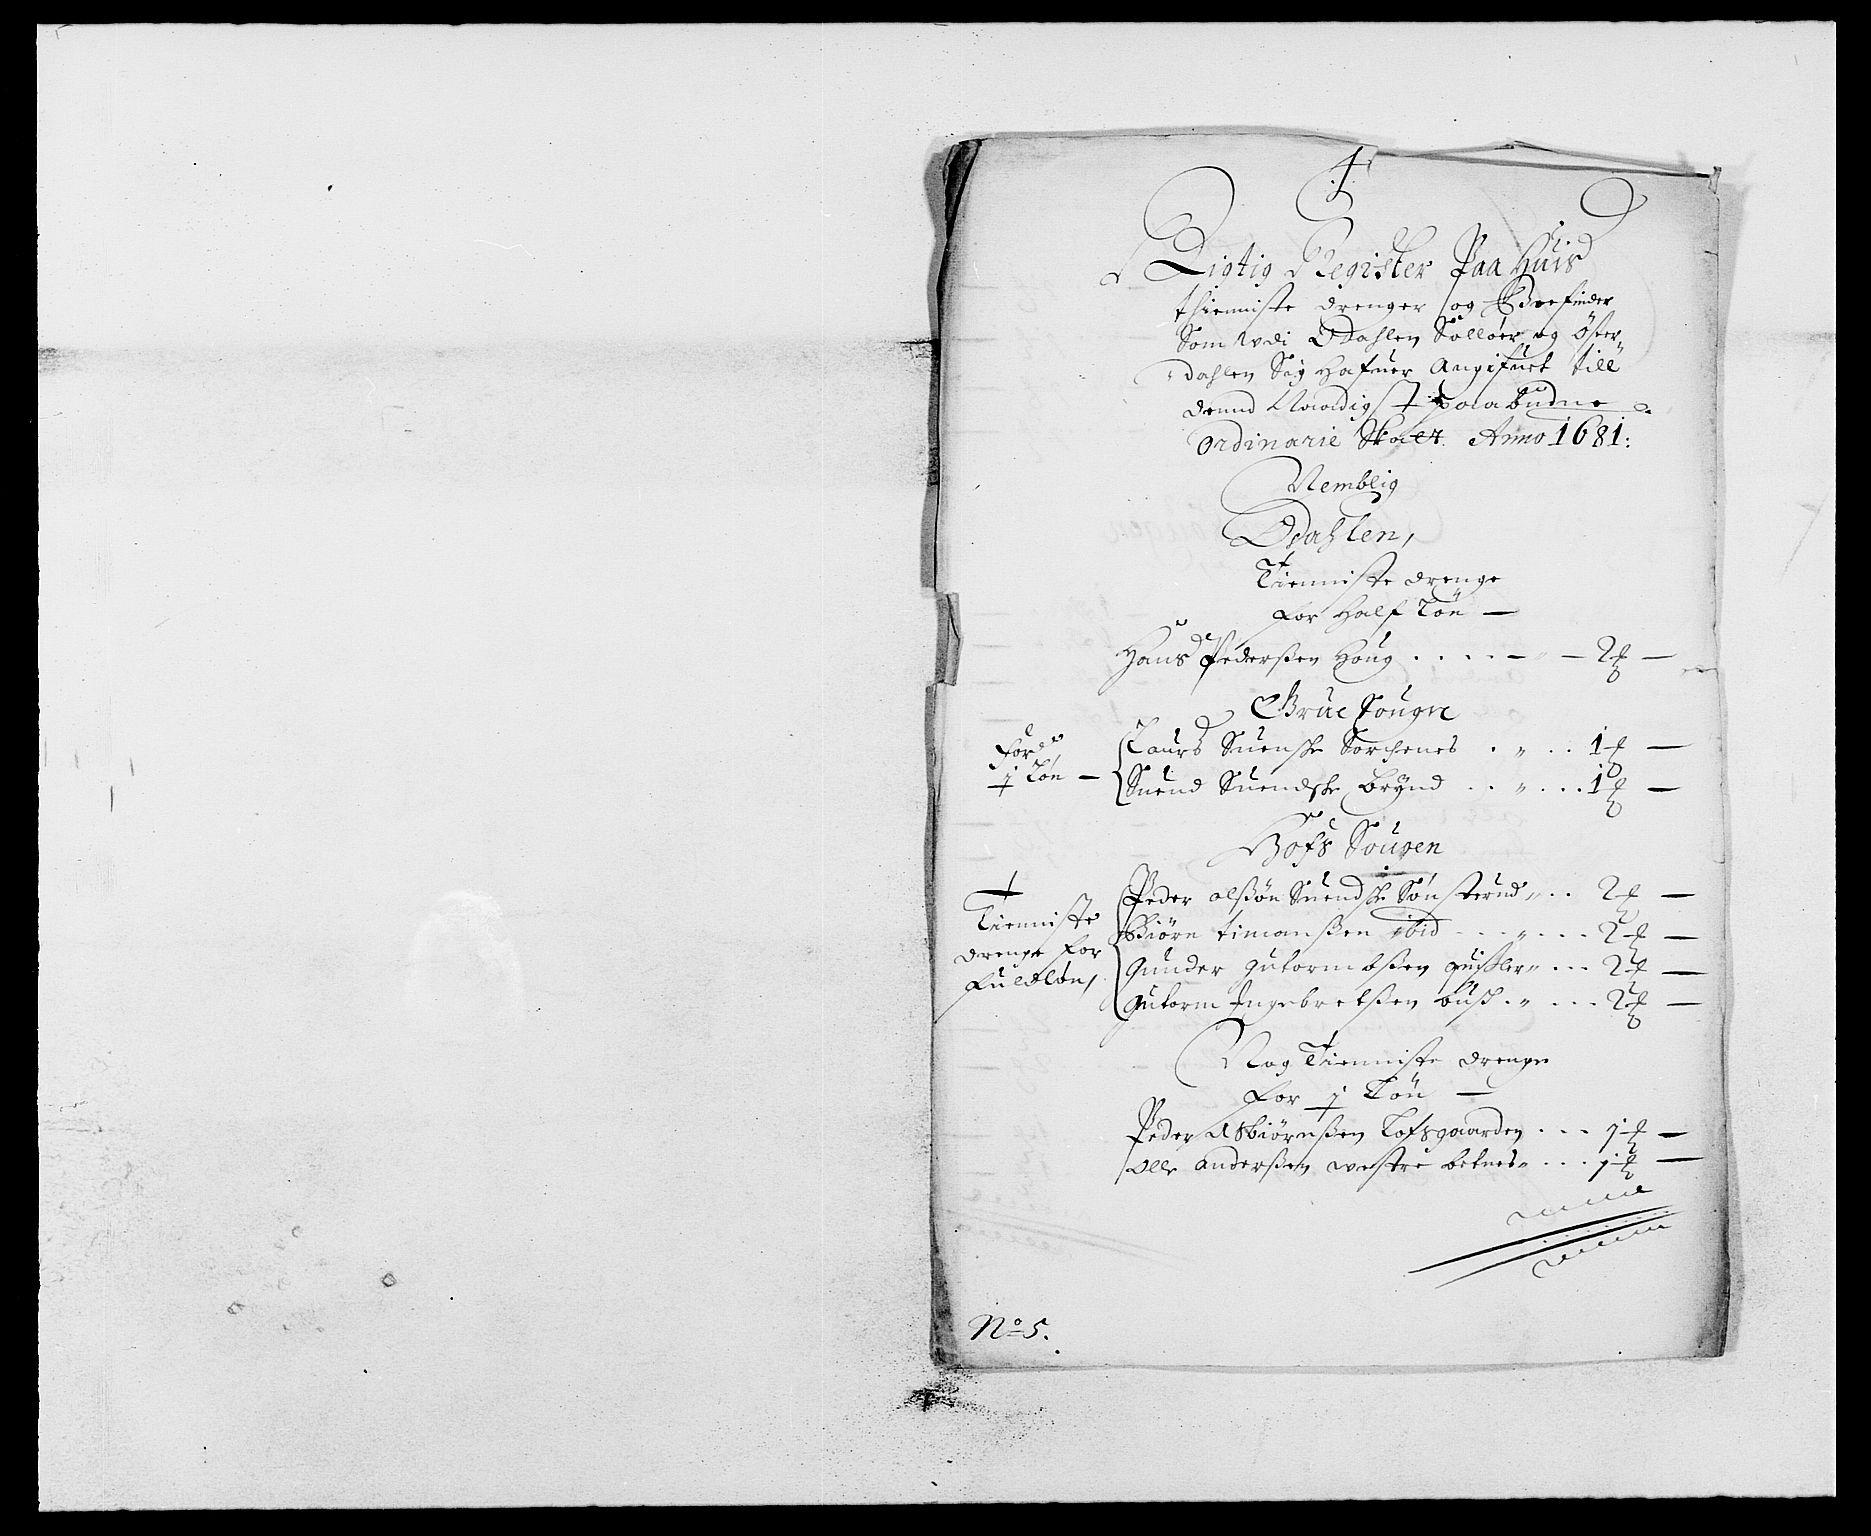 RA, Rentekammeret inntil 1814, Reviderte regnskaper, Fogderegnskap, R13/L0818: Fogderegnskap Solør, Odal og Østerdal, 1681, s. 227